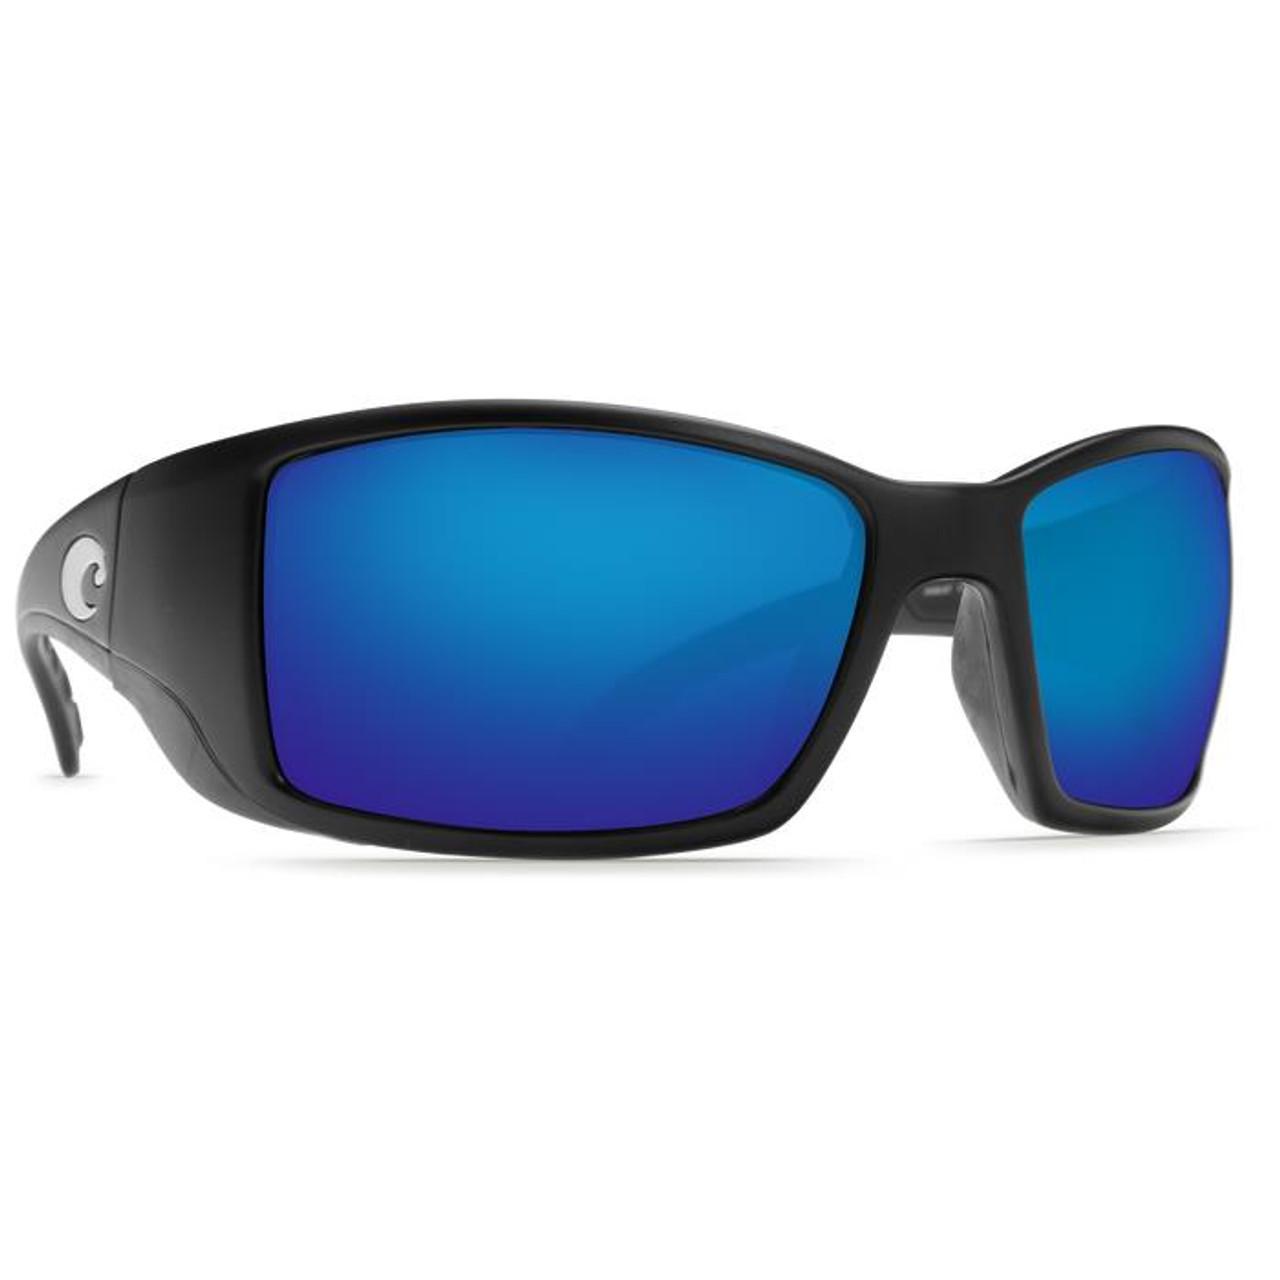 ce80c23db5e43 Costa Blackfin Matte Black w  Blue Mirror Polarized Glass  BL 11 OBMGLP -  097963454308